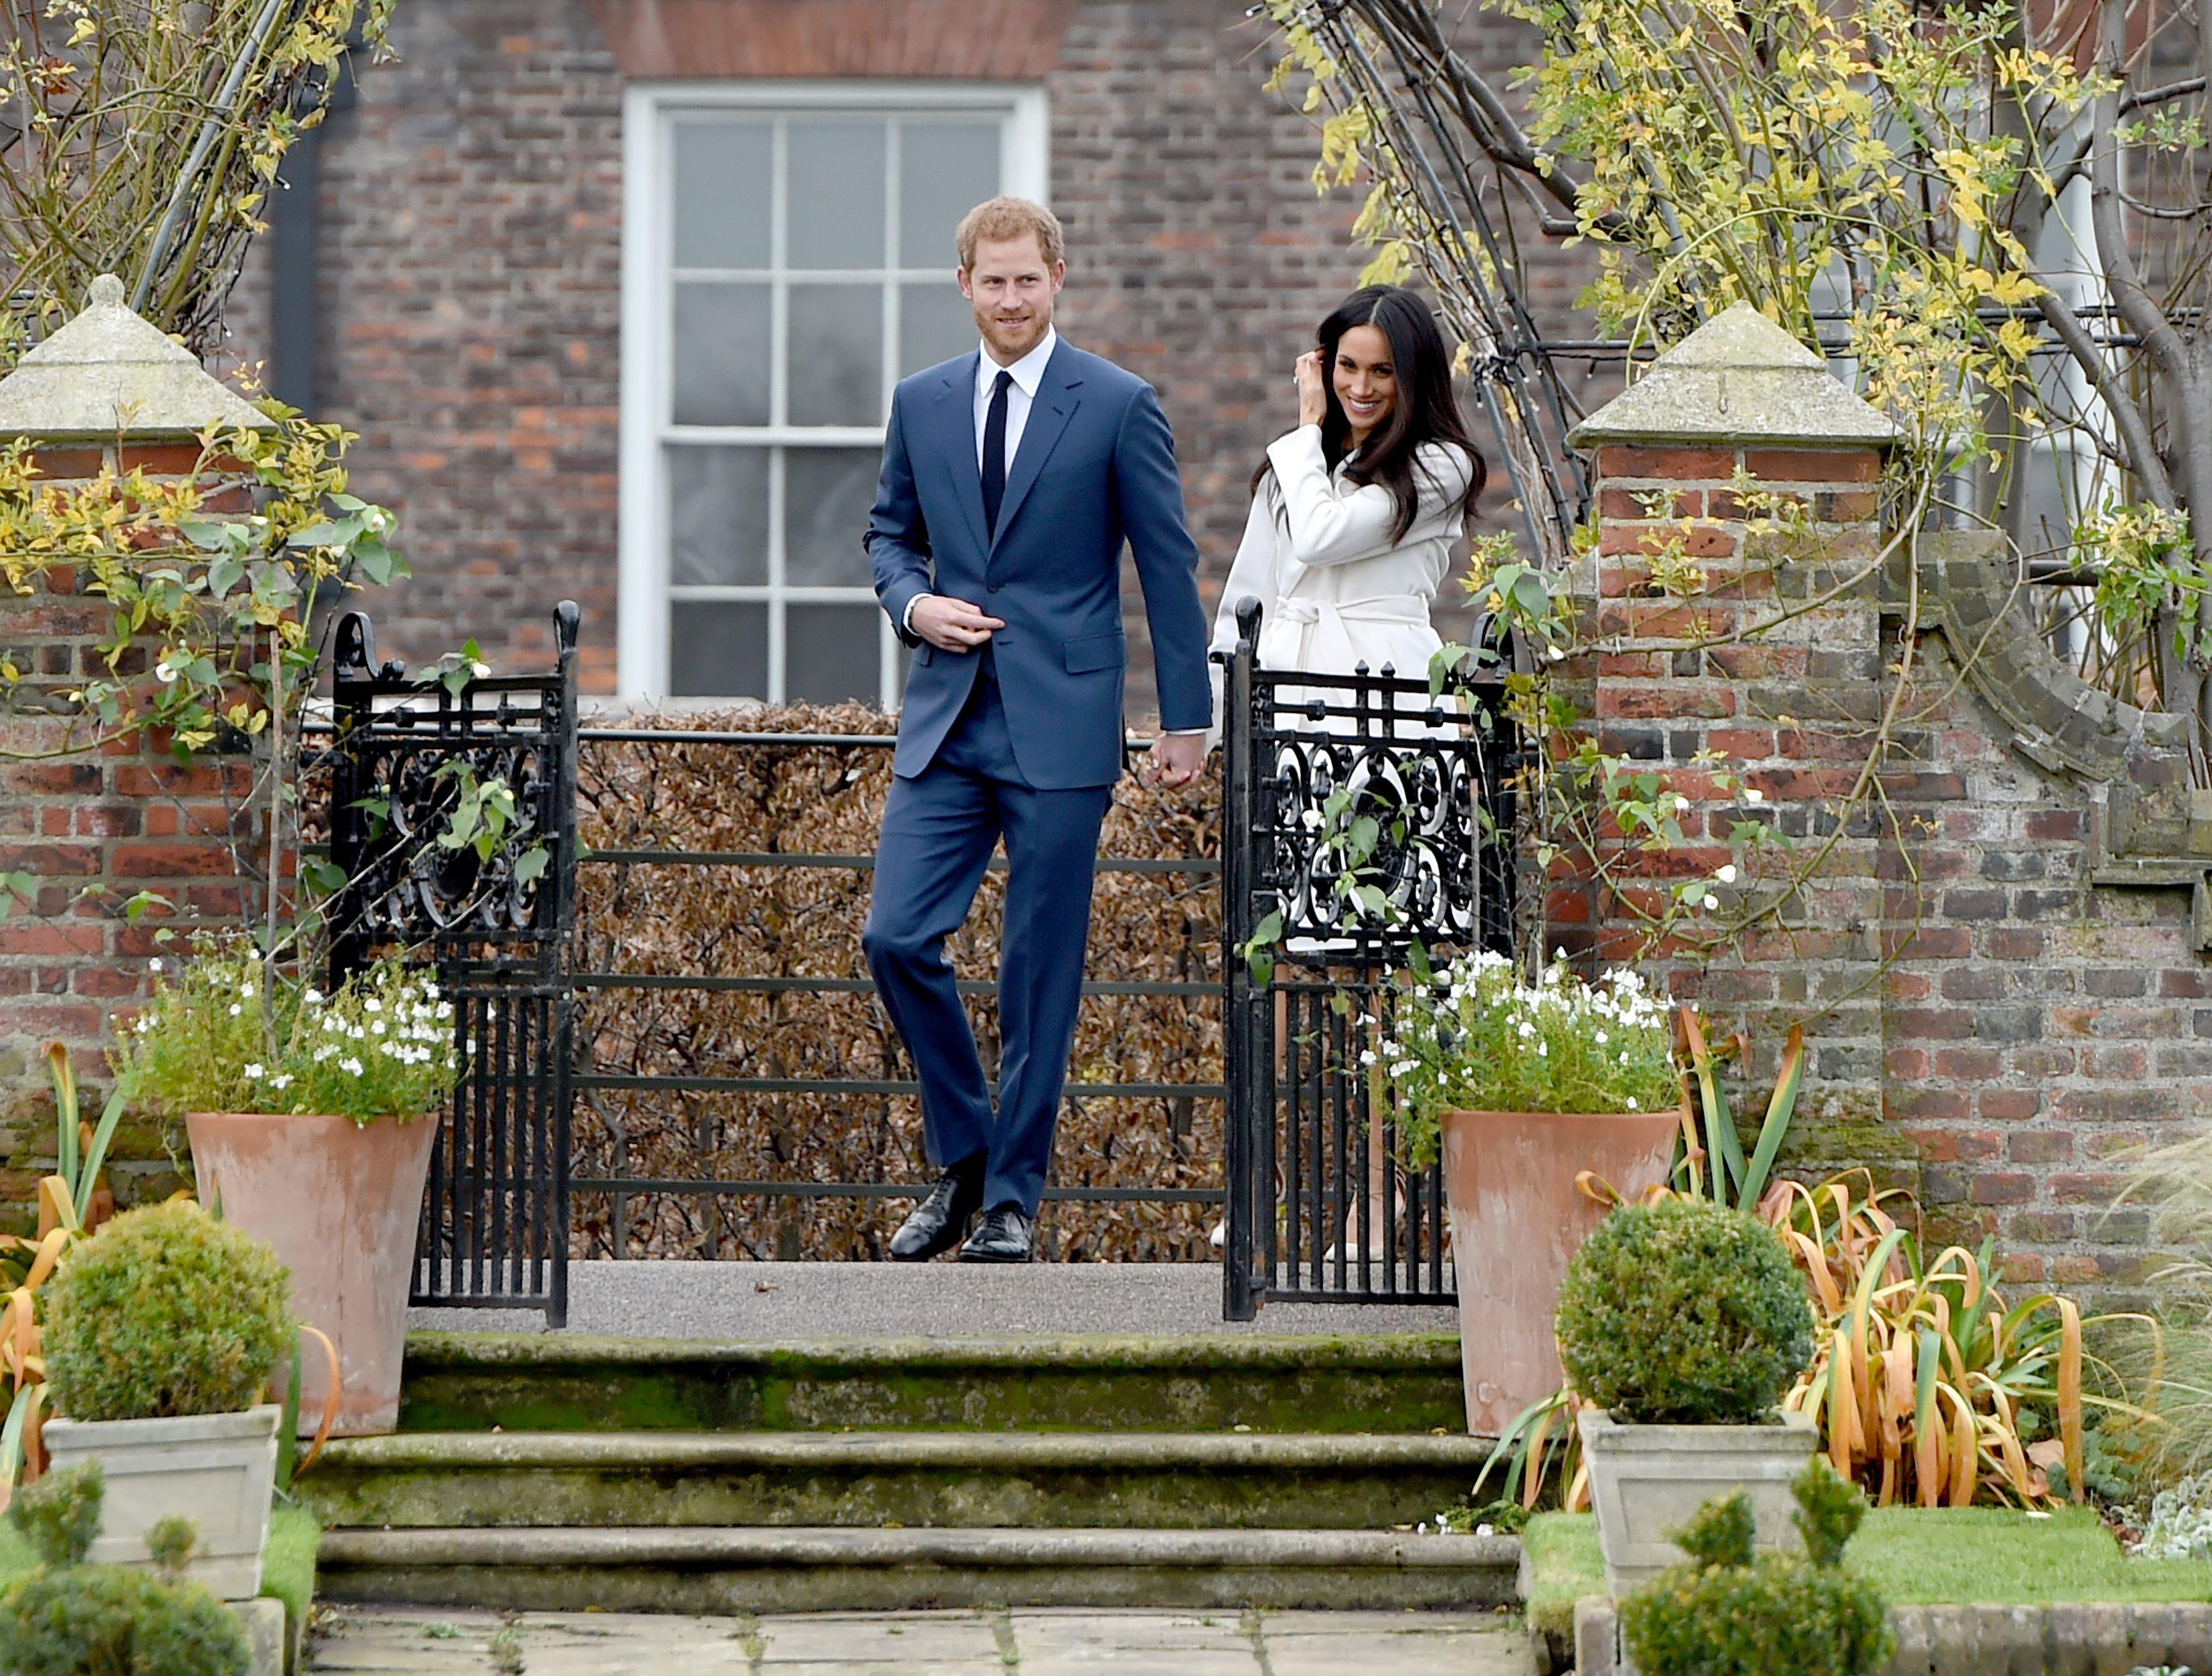 Prinţul Harry şi Meghan Markle s-au îndrăgostit atât de rapid de parcă `s-au aliniat stelele`. Primele imagini oficiale după anunţul logodnei